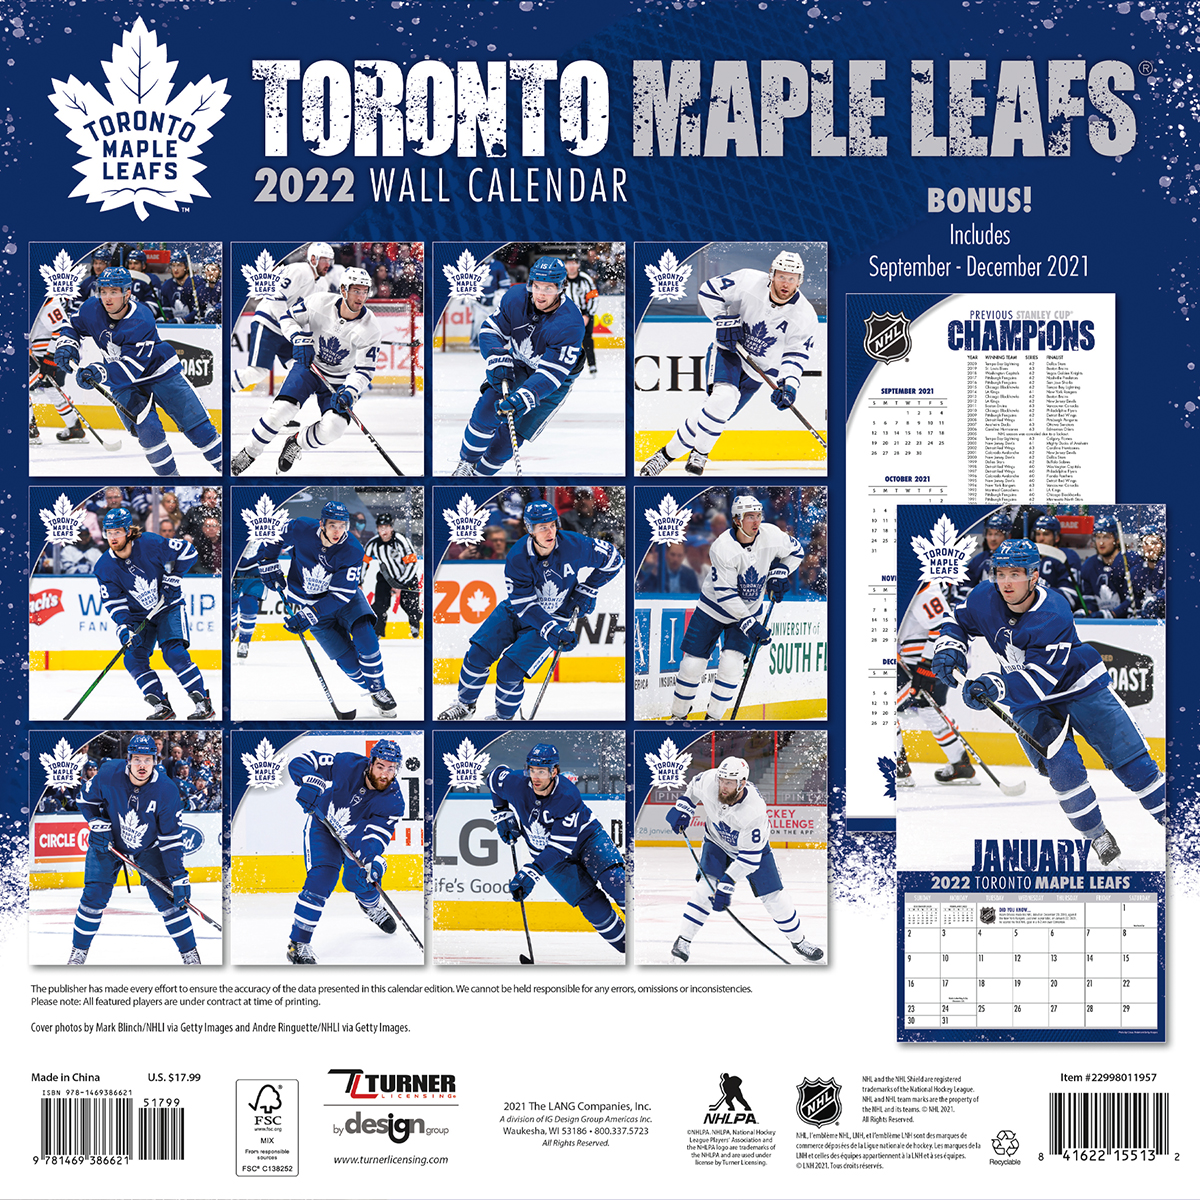 Toronto Maple Leafs 2019 Nhl Wall Calendar Buy At Khc Sports